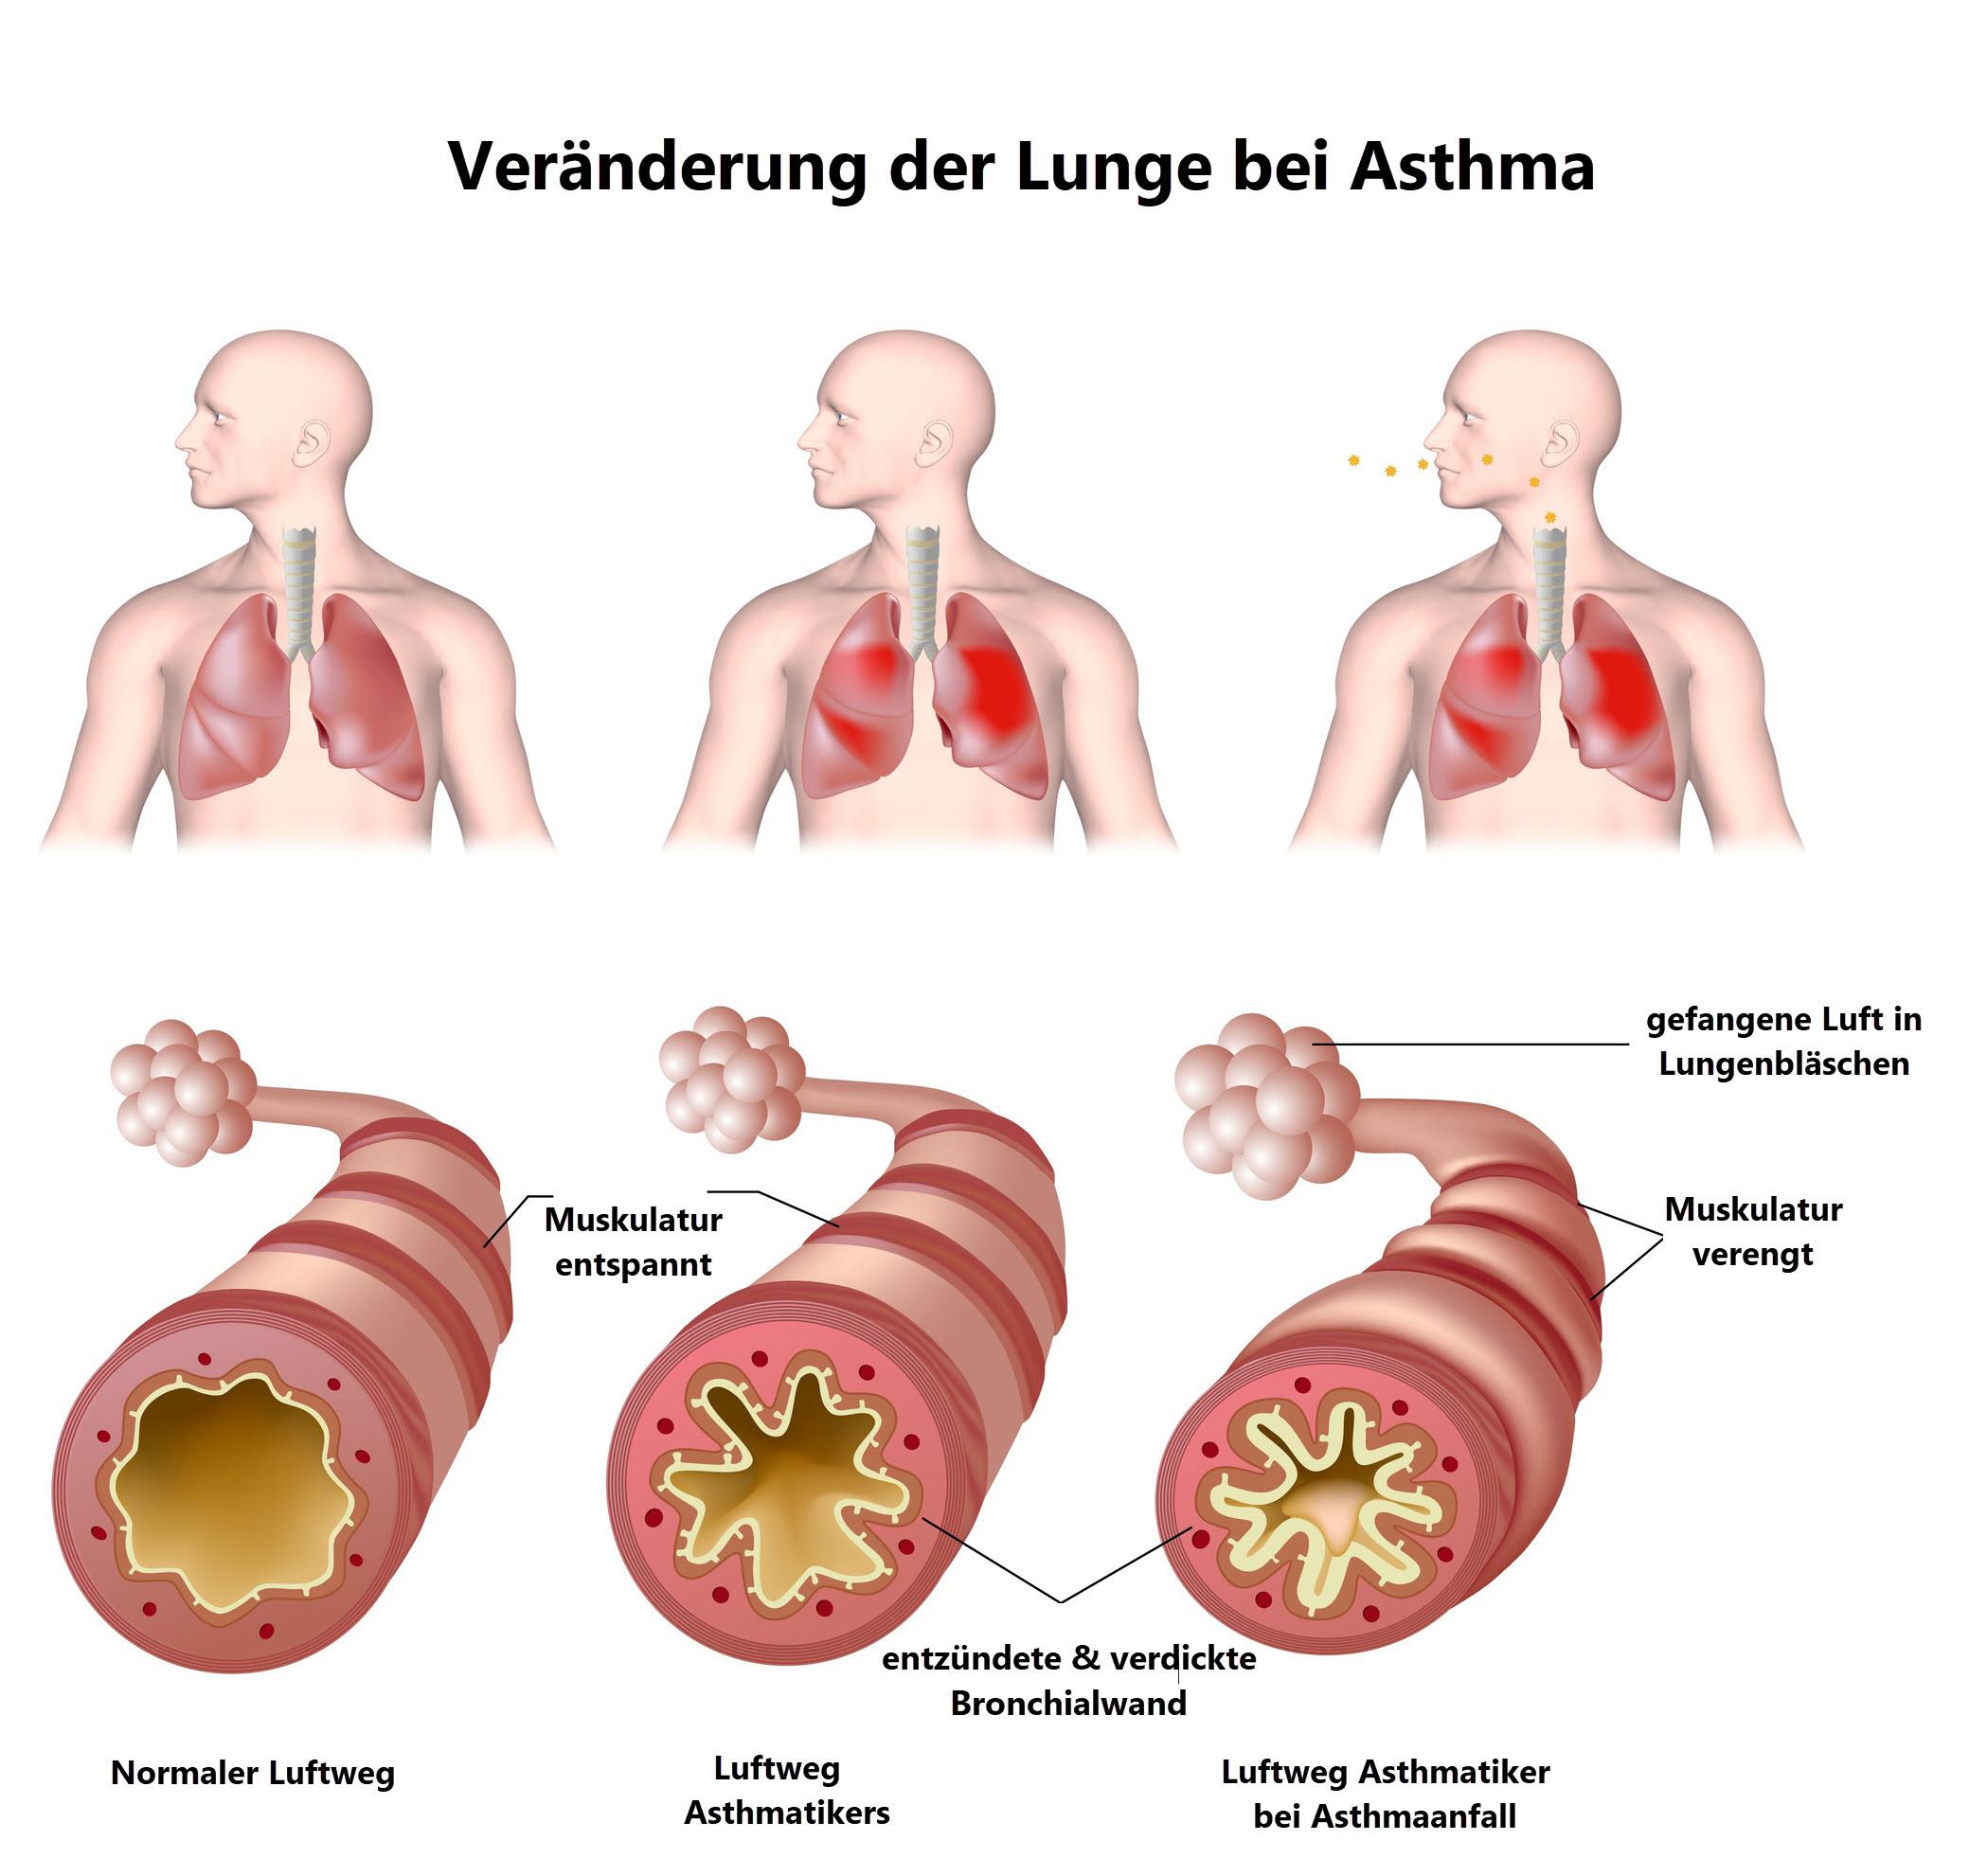 Asthma_Veränderung der Lunge